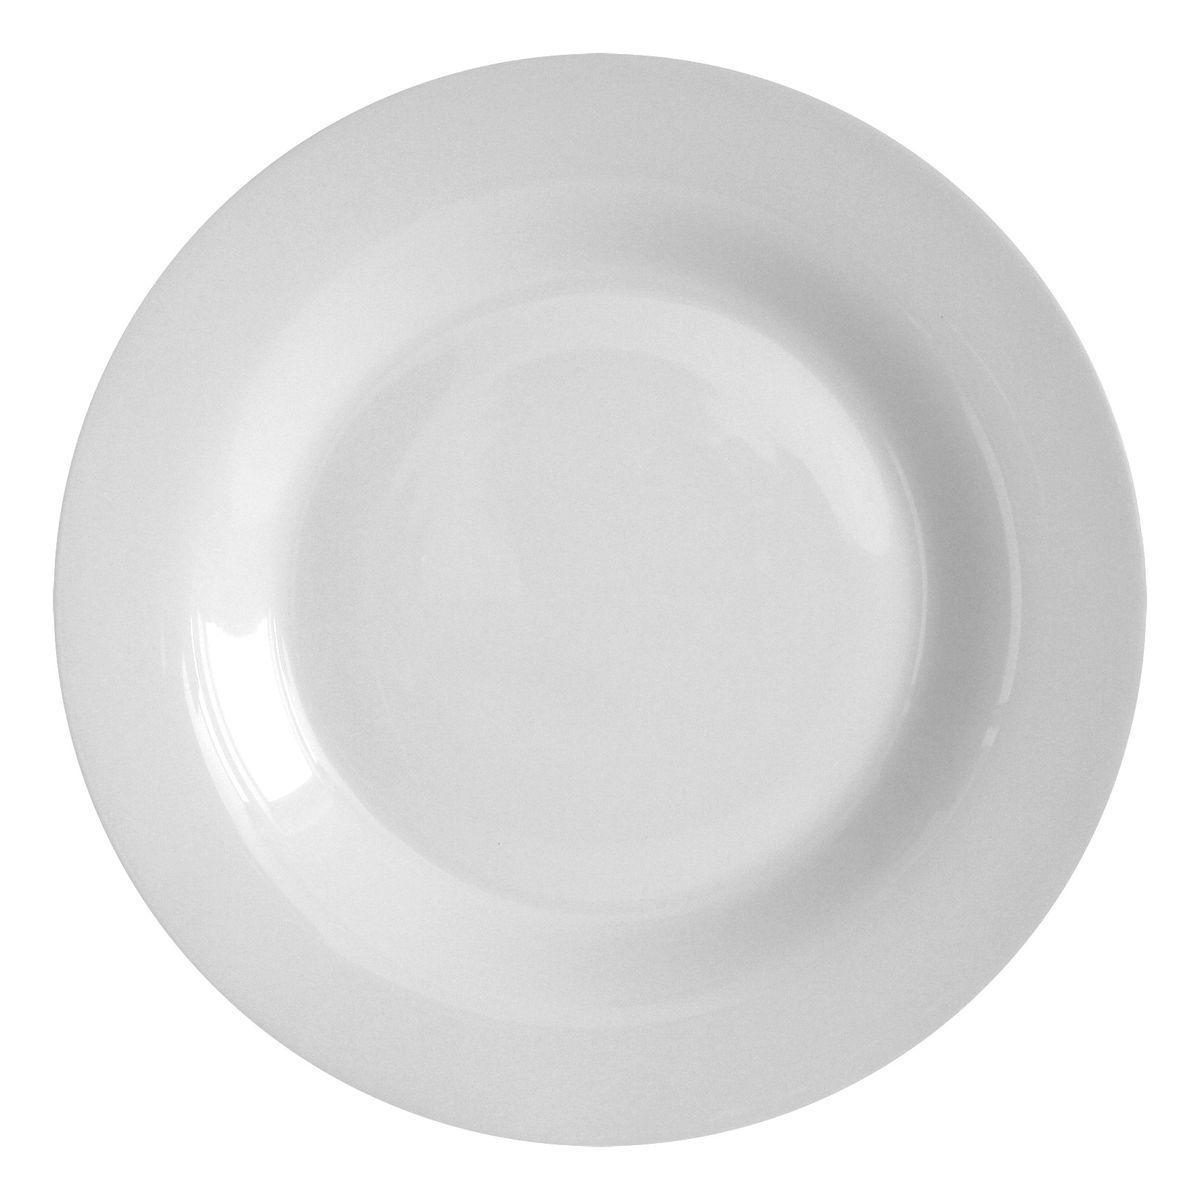 """Тарелка десертная Luminarc """"Olax"""" изготовлена из ударопрочного стекла.  Устойчива к повреждениям при ежедневном использовании и выдерживает перепады температуры до 130°С. Можно использовать в СВЧ-печи и мыть в посудомоечной машине. Диаметр тарелки: 20 см."""